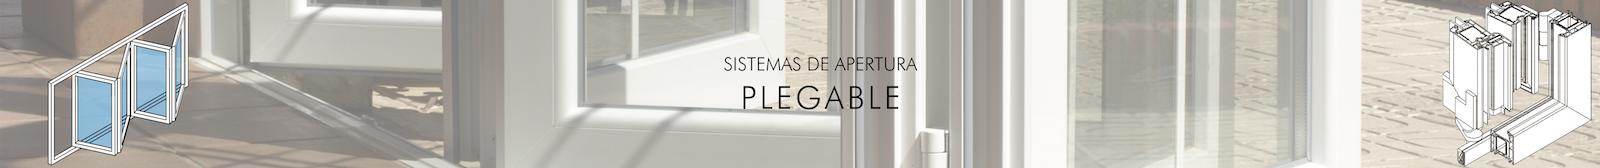 Sistemas de Apertura Plegable PVC